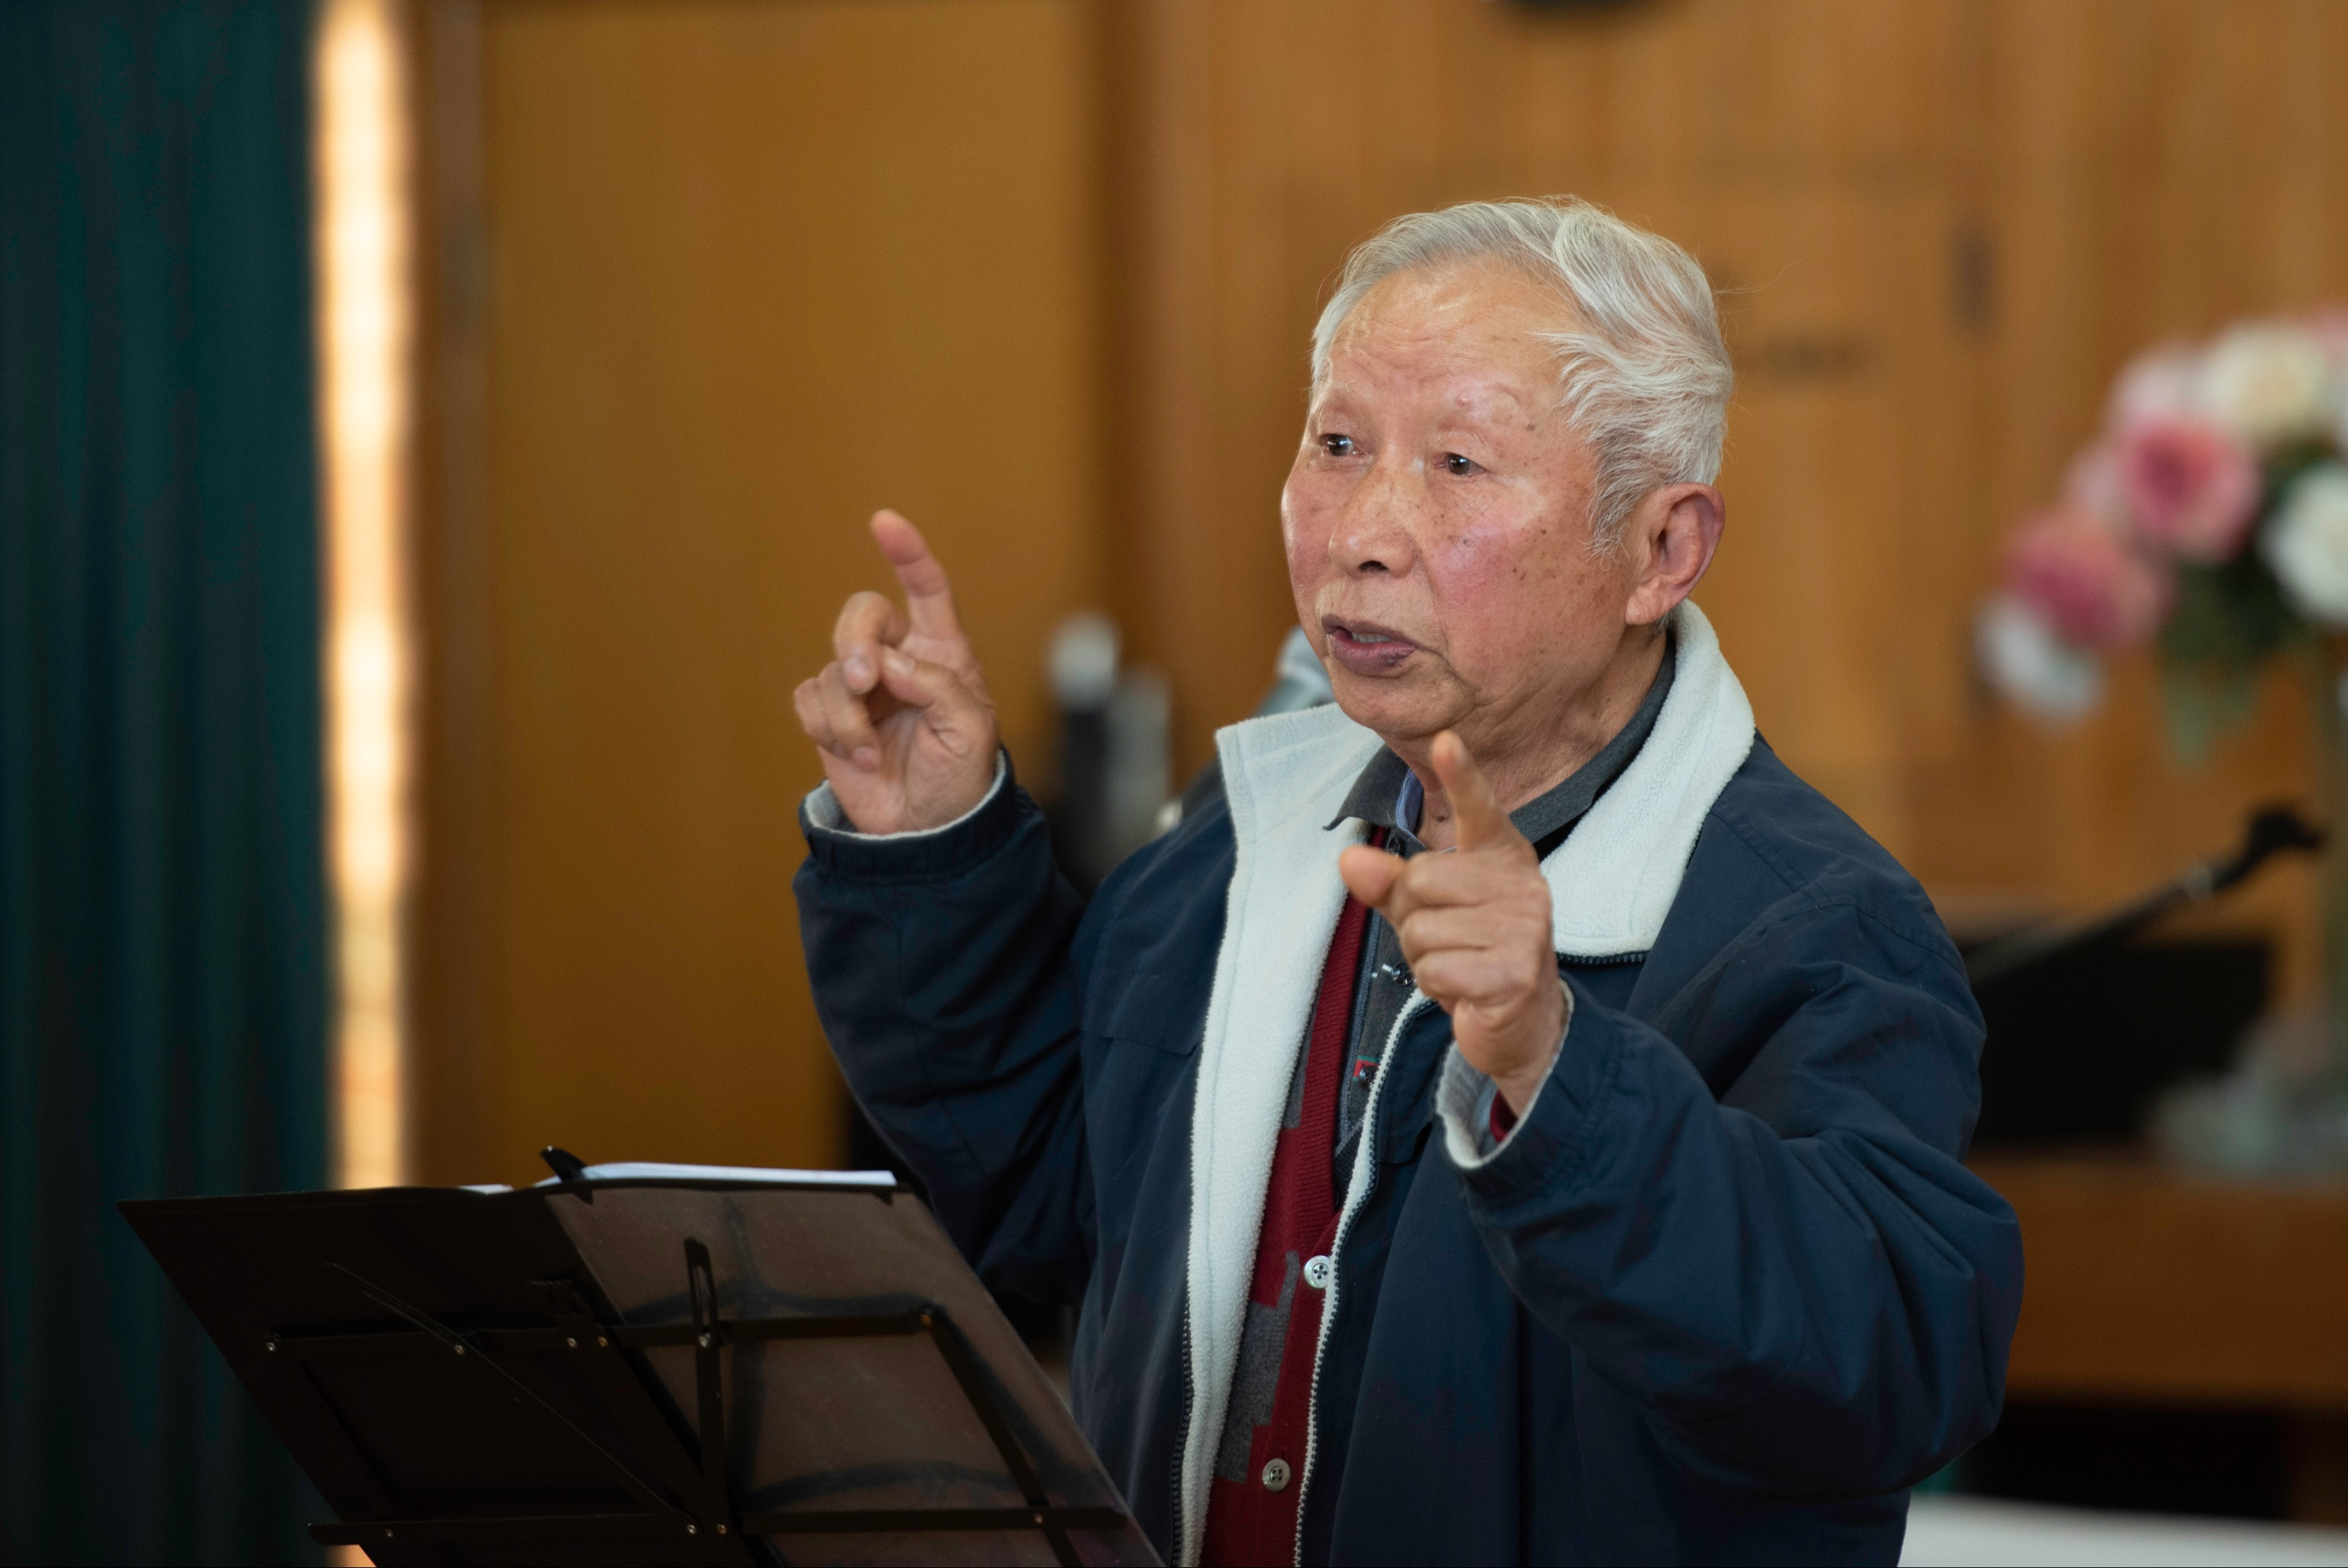 越南出生的杨诗源老先生说对于上了年纪的老年人来说,他们还是很小心注意的。